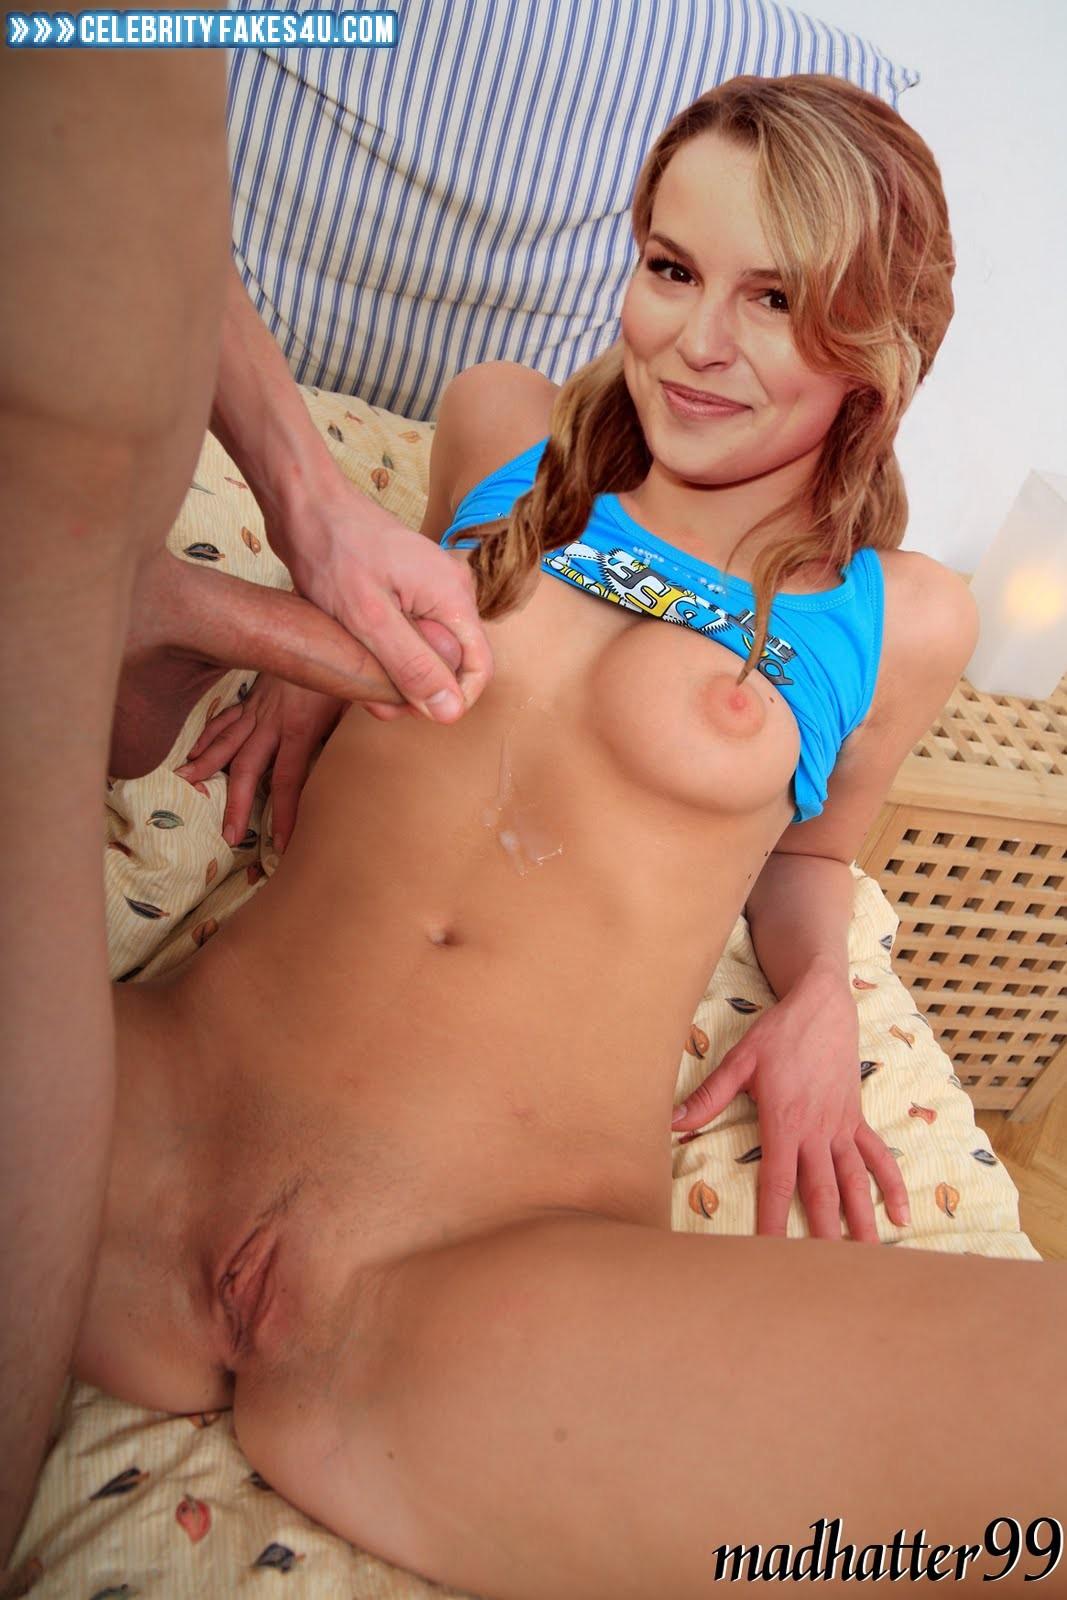 Bridgit mendler naked having sex